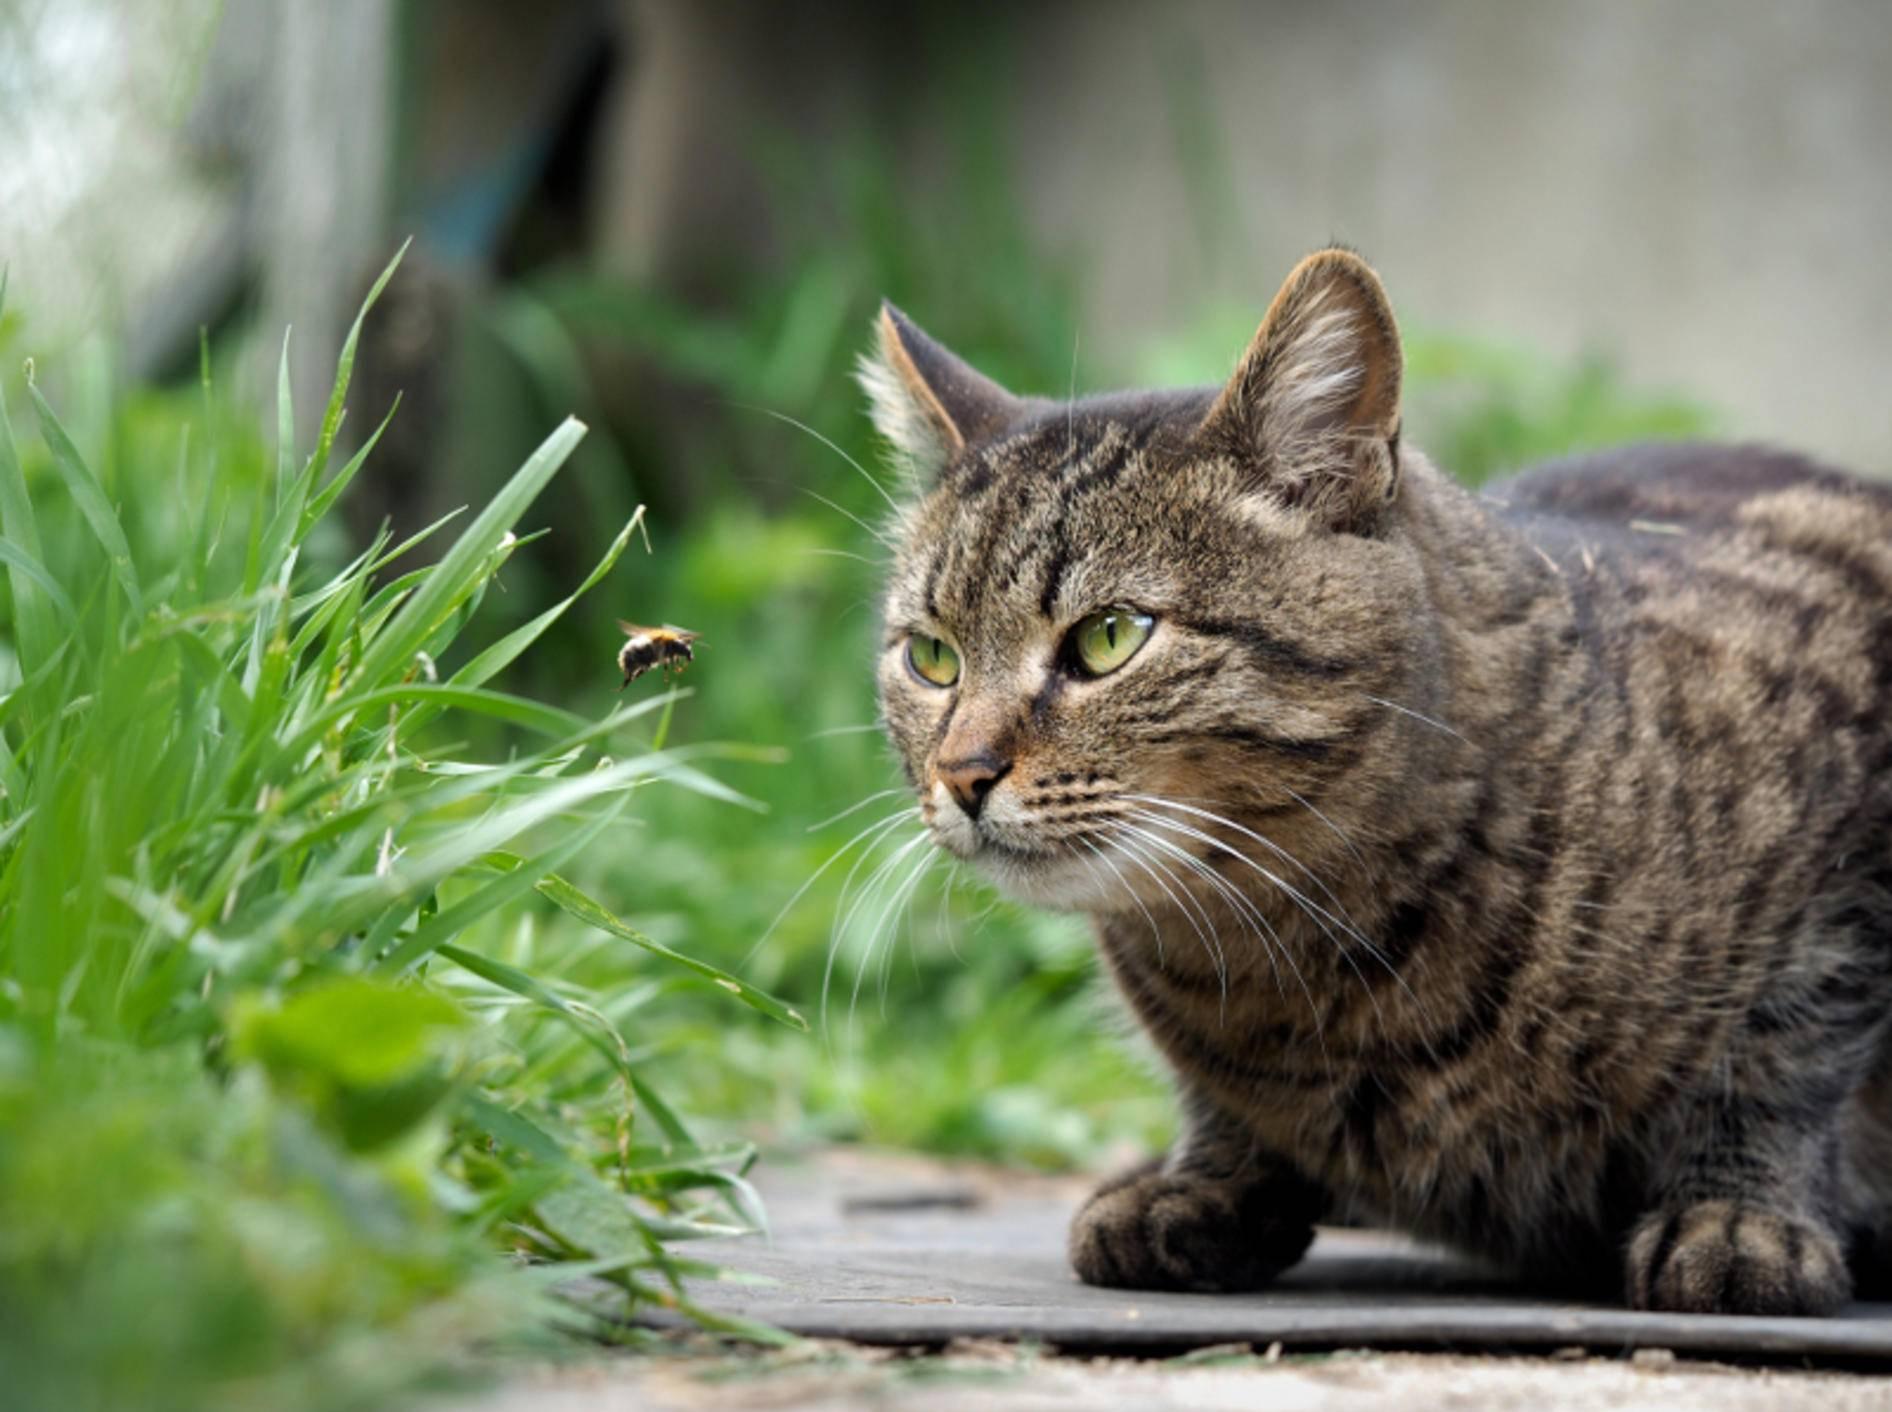 """""""Mhhh, da wird der Panther in mir geweckt. Die Biene schnapp ich mir!"""", denkt sich diese Katze – Shutterstock / Irina Kozorog"""